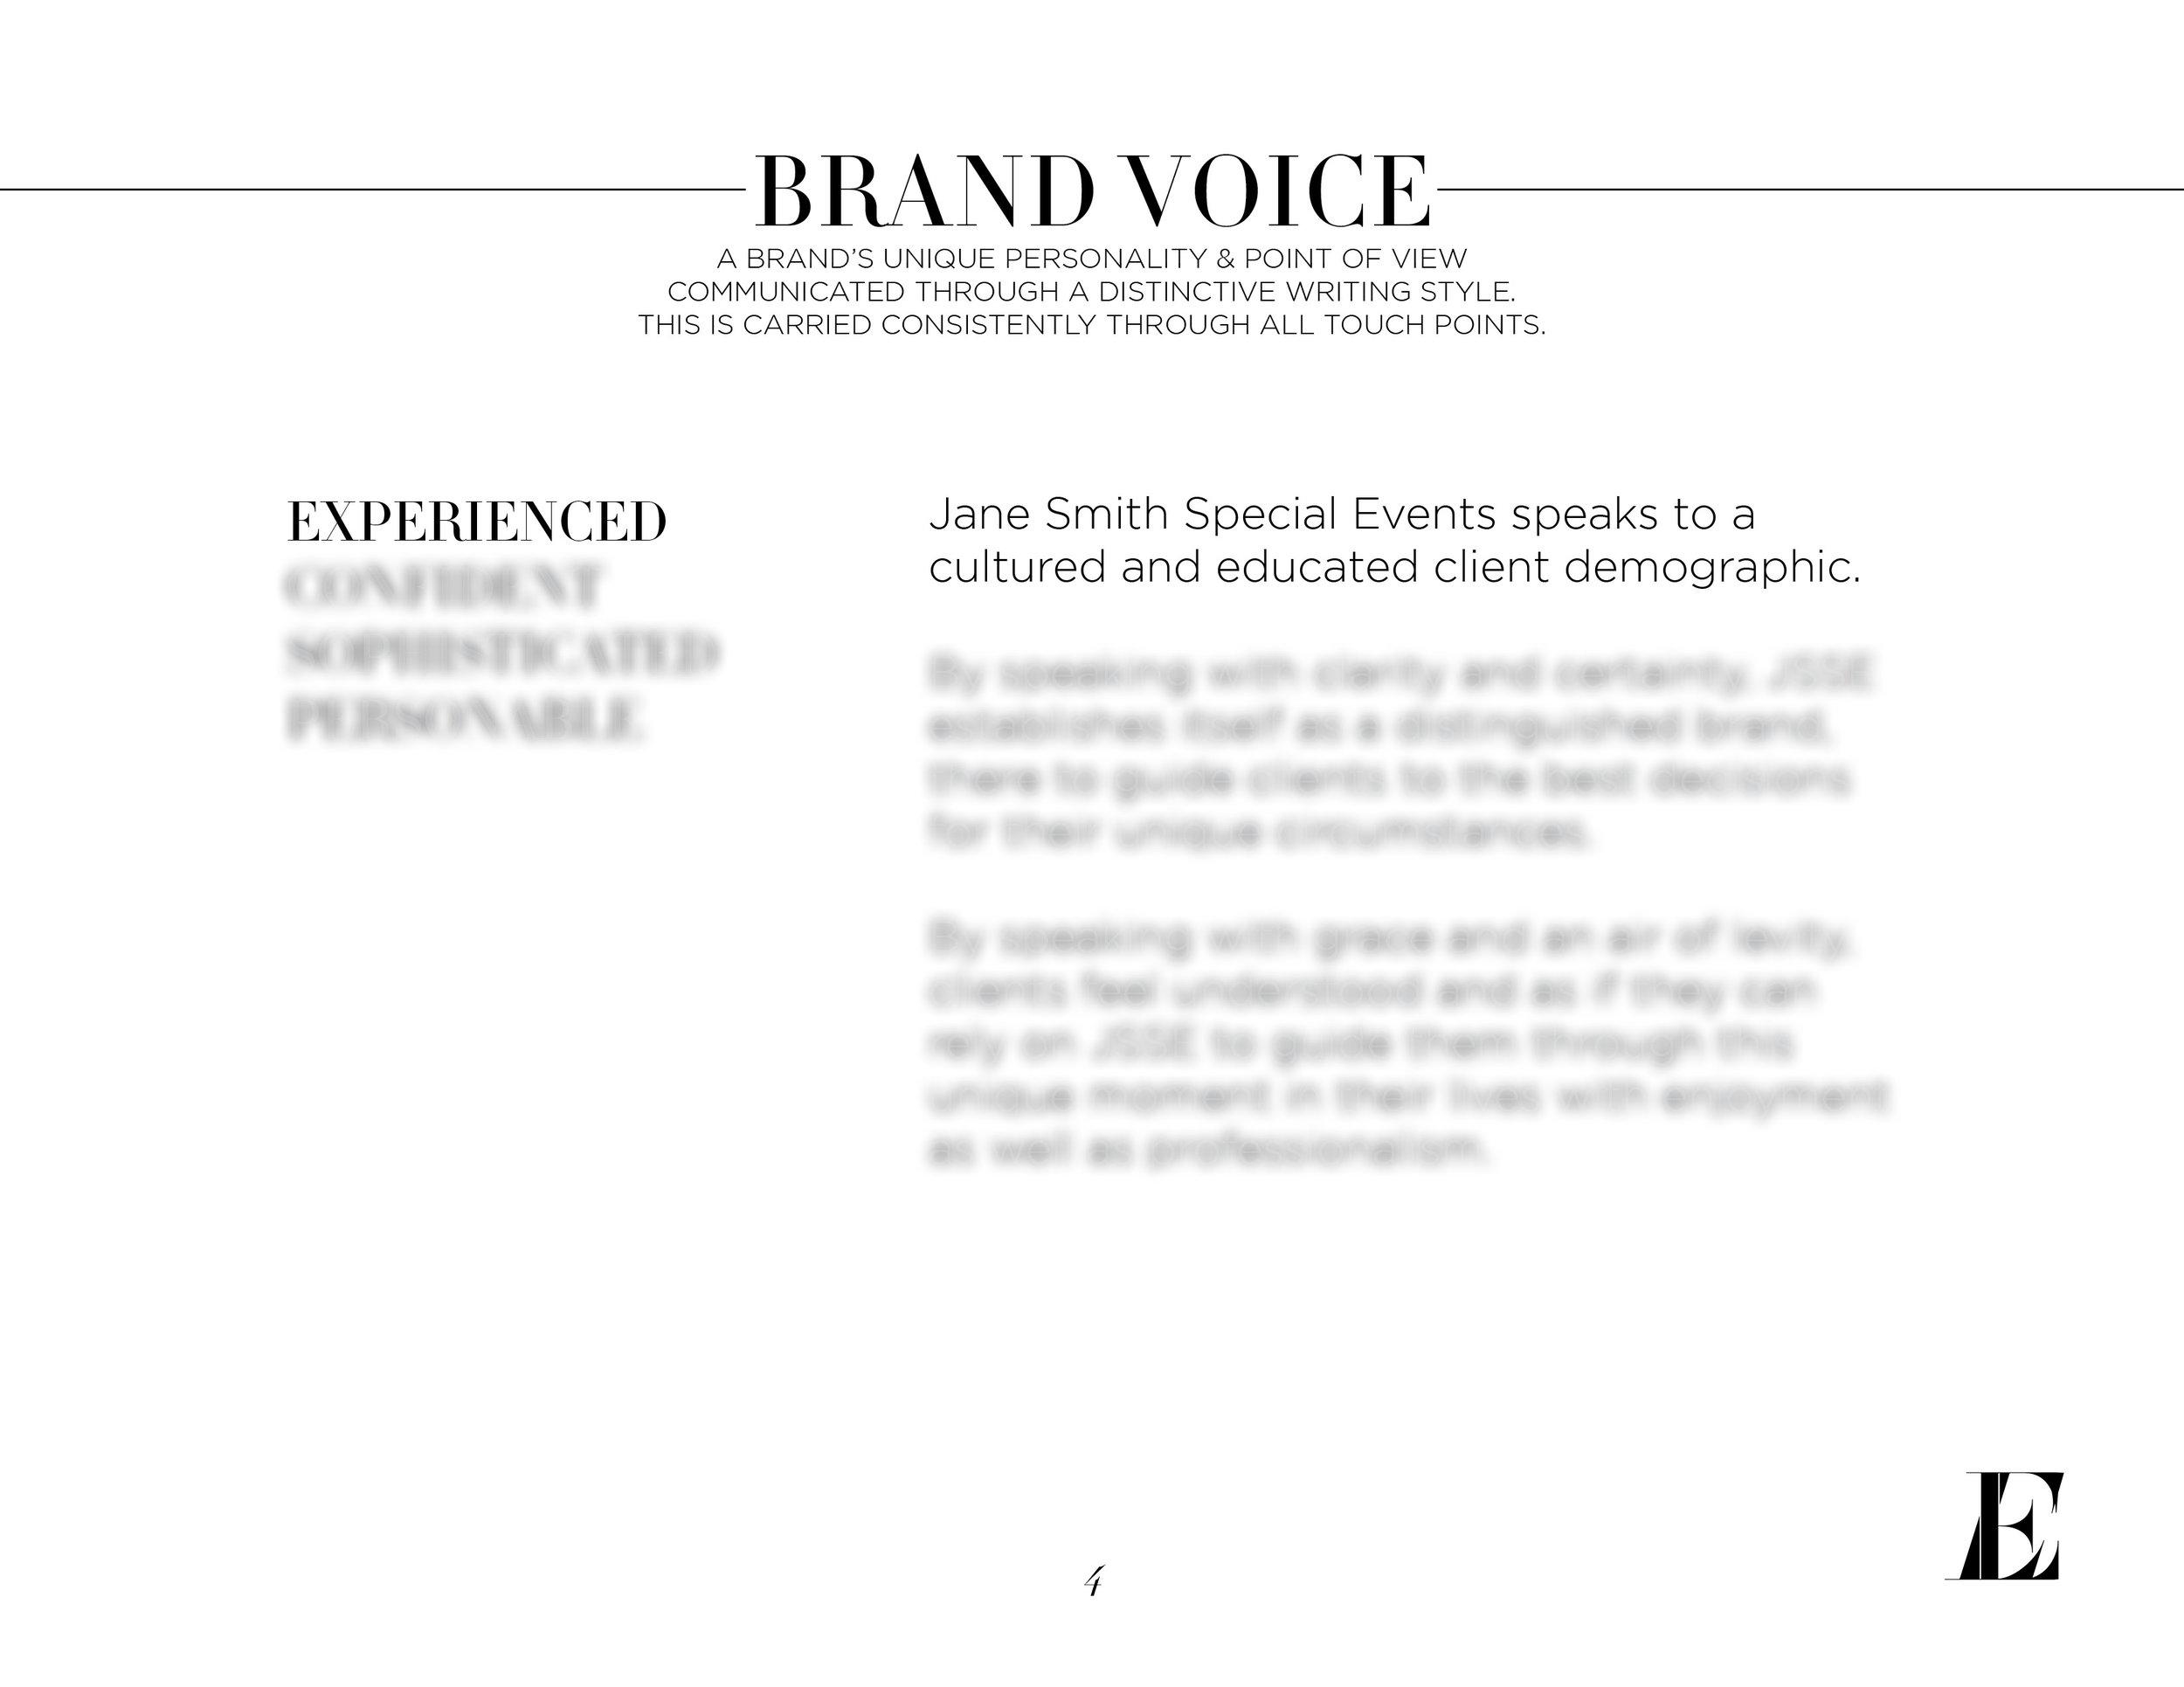 EE_BrandVoiceGuide_SampleJSSE_Blurred4.jpg